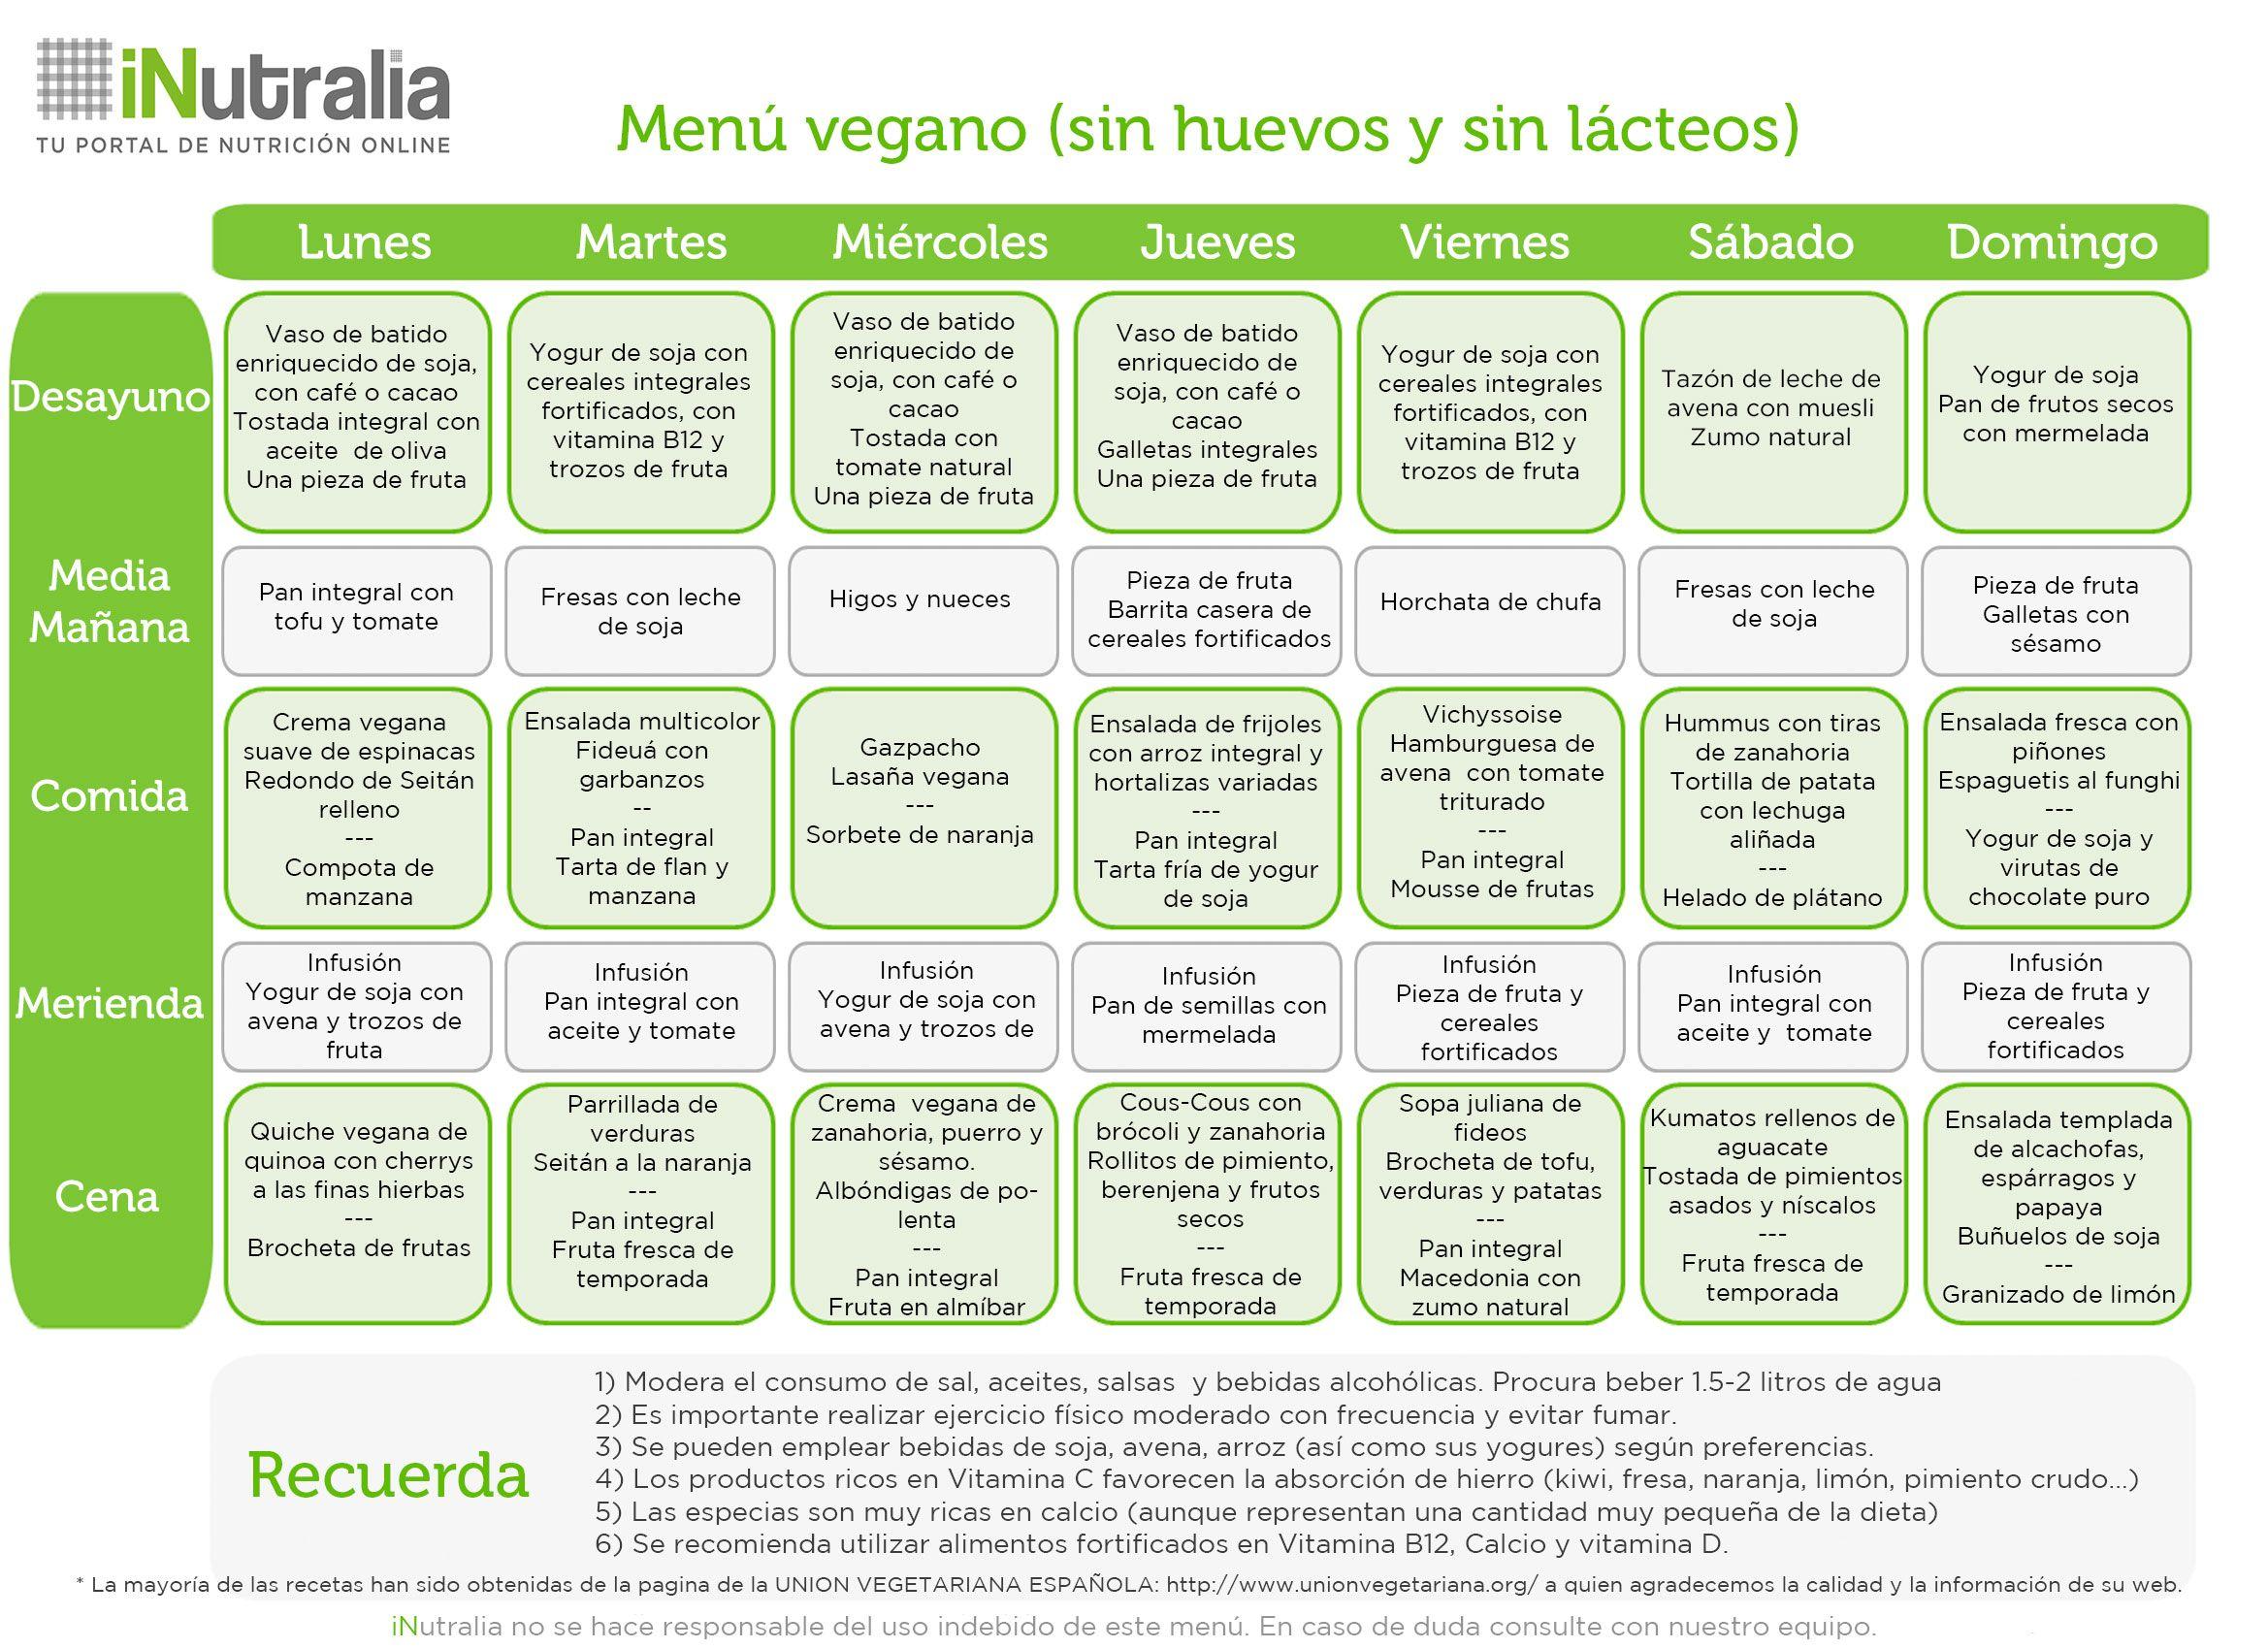 Dieta paleo menu mensual